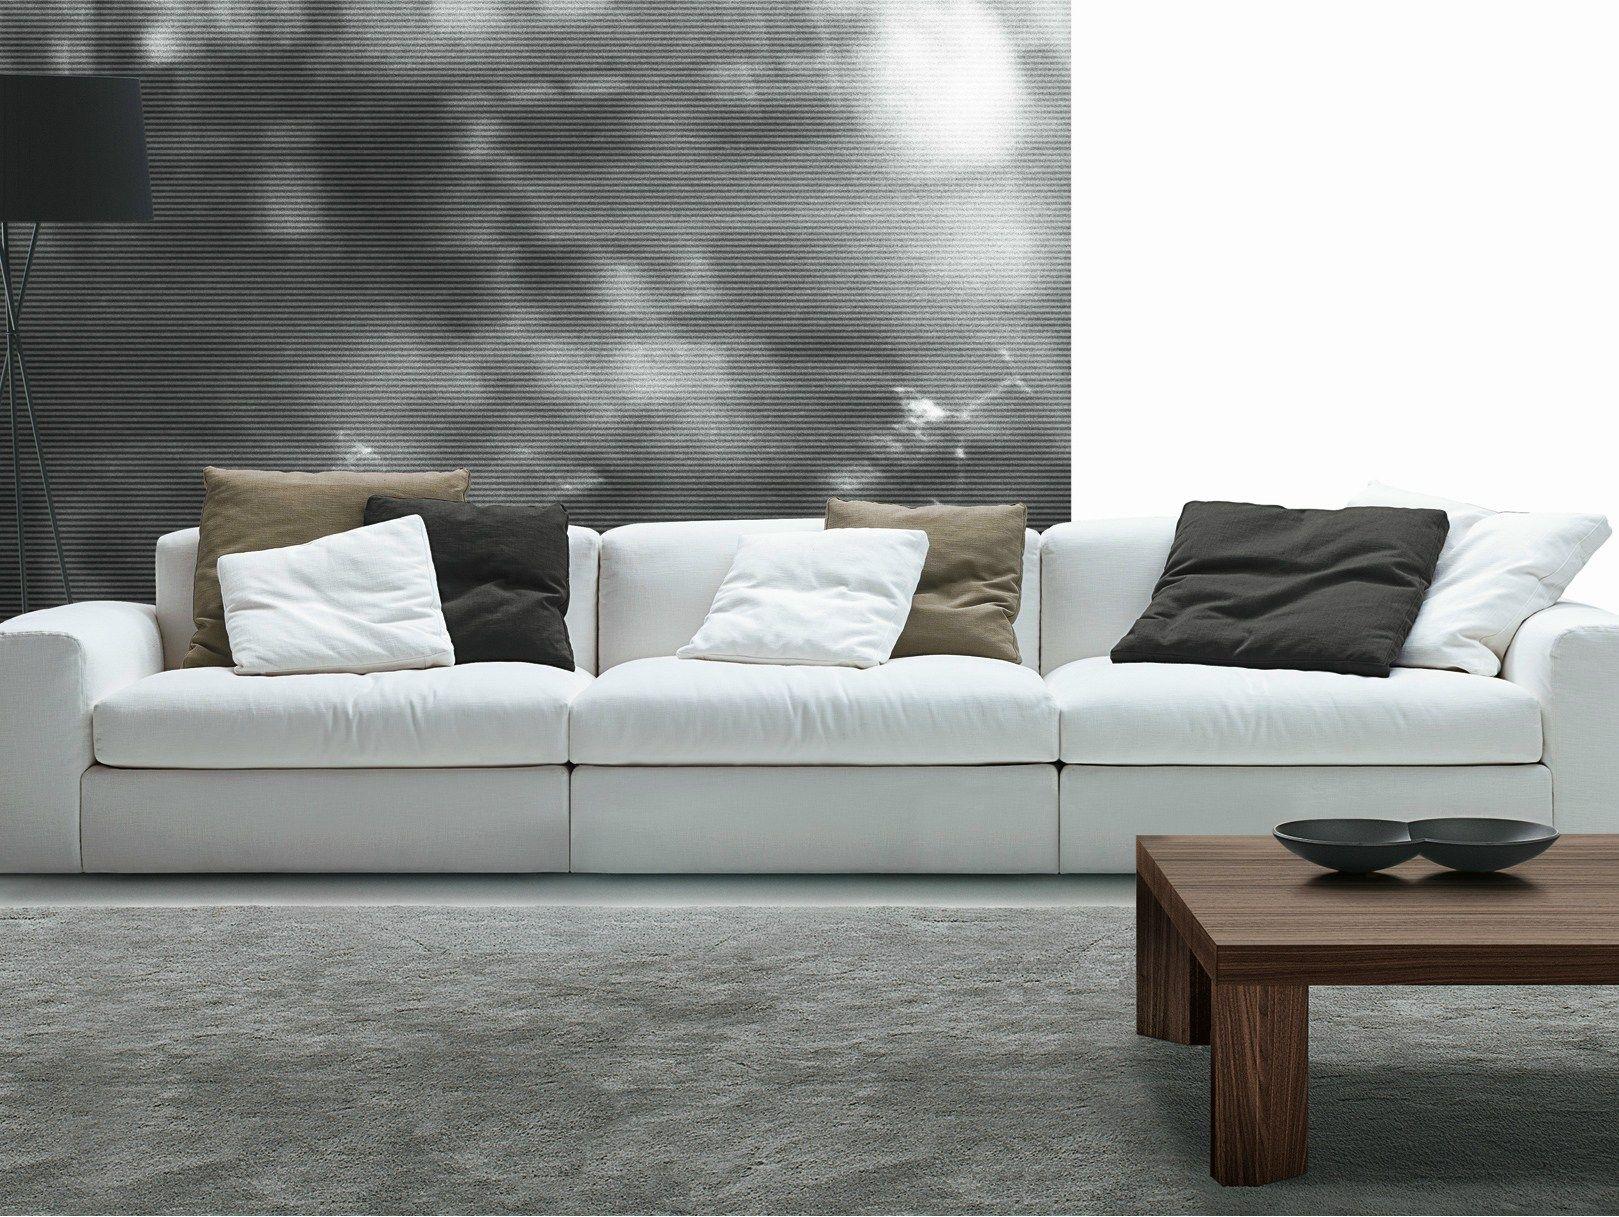 Großartig Sofa Mit Abnehmbaren Bezug Referenz Von Aus Stoff Abnehmbarem Dune Kollektion Dune By